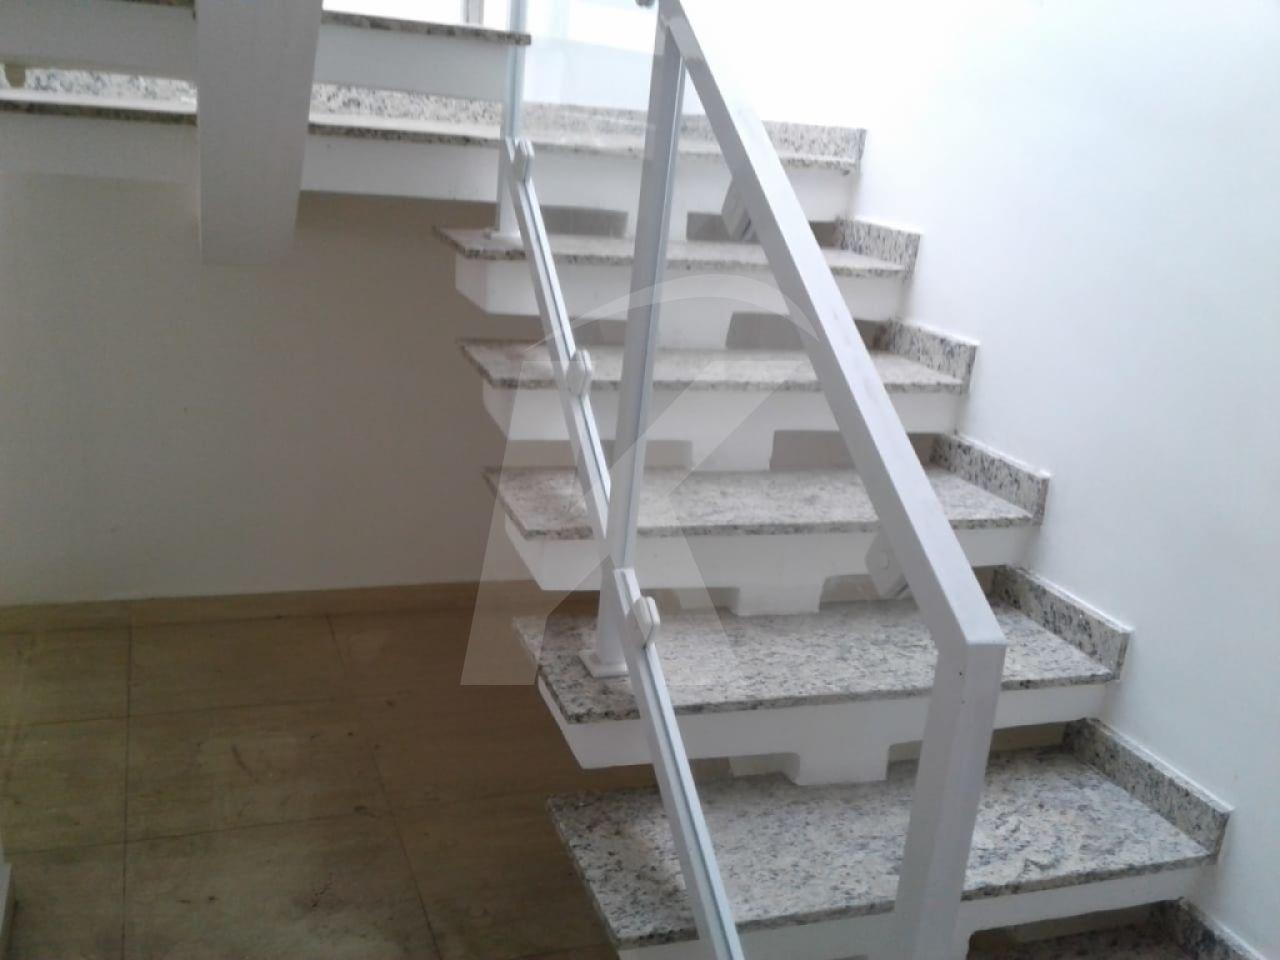 Sobrado Vila Constança - 3 Dormitório(s) - São Paulo - SP - REF. KA6899